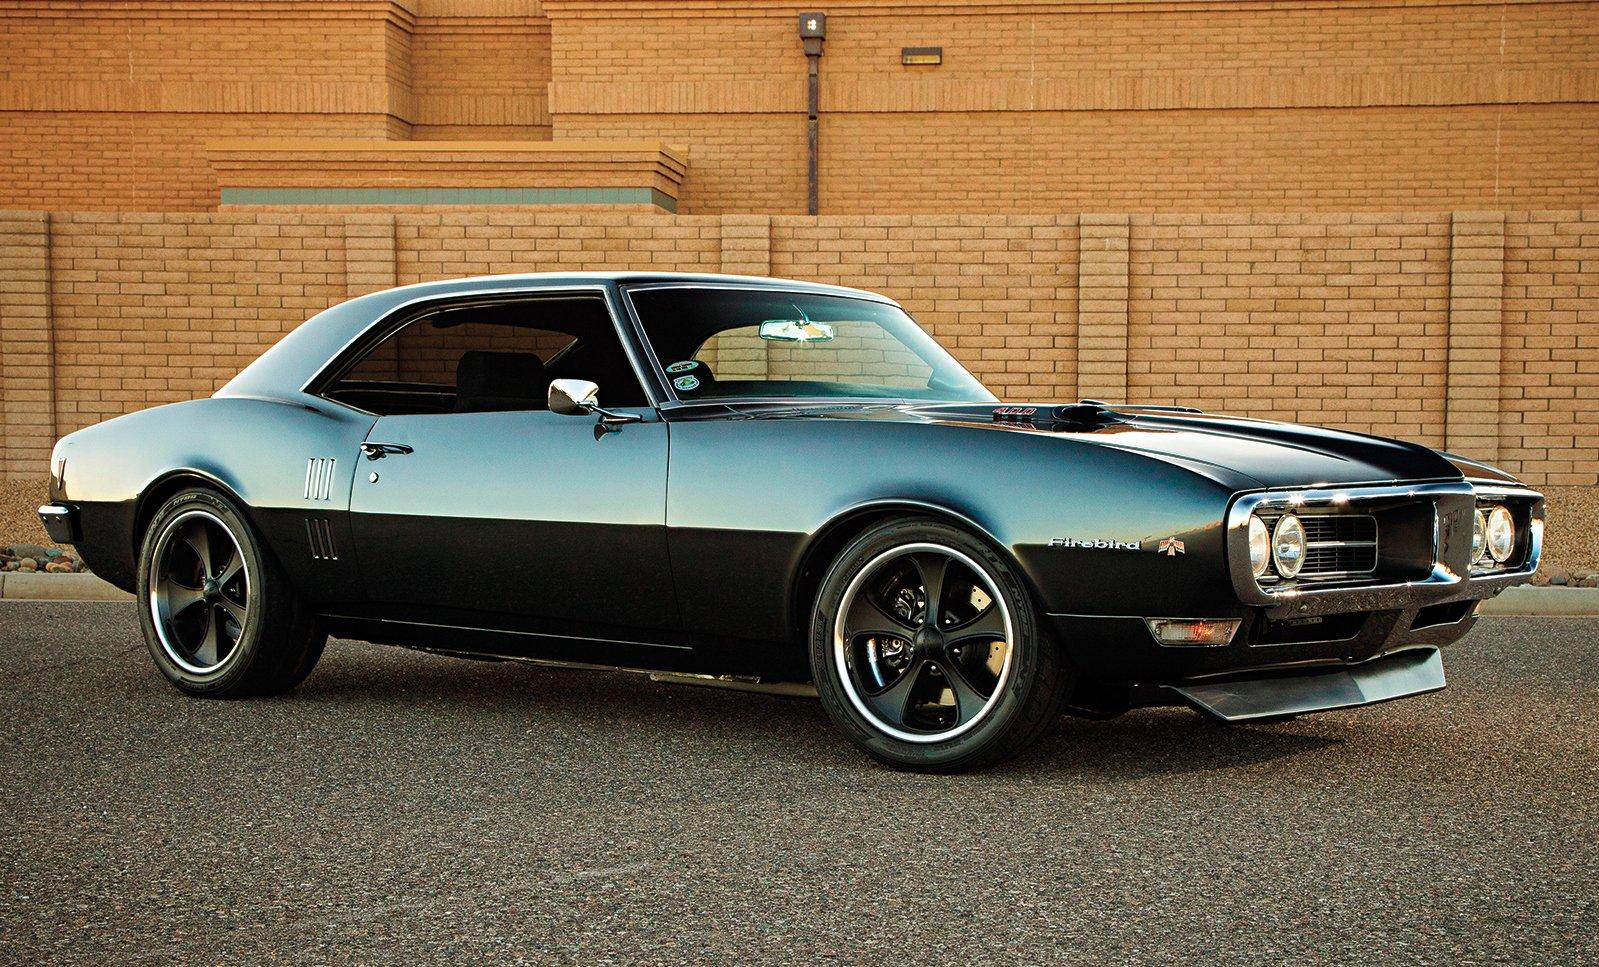 1968 Pontiac Firebird 400 wallpaper 1599x967 289569 WallpaperUP 1599x967